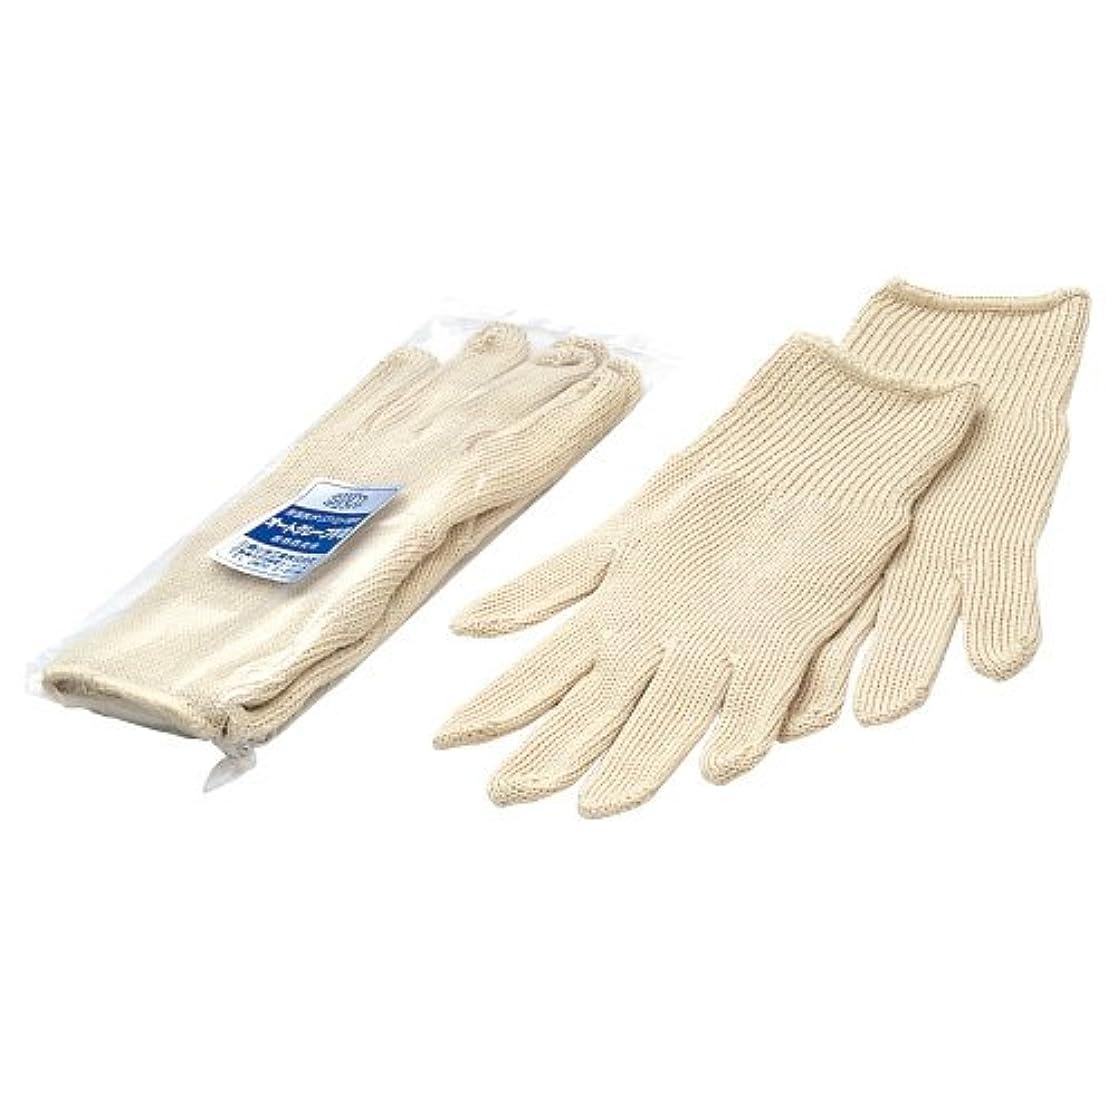 課税配置考古学オートクレーブ手袋(ロング)